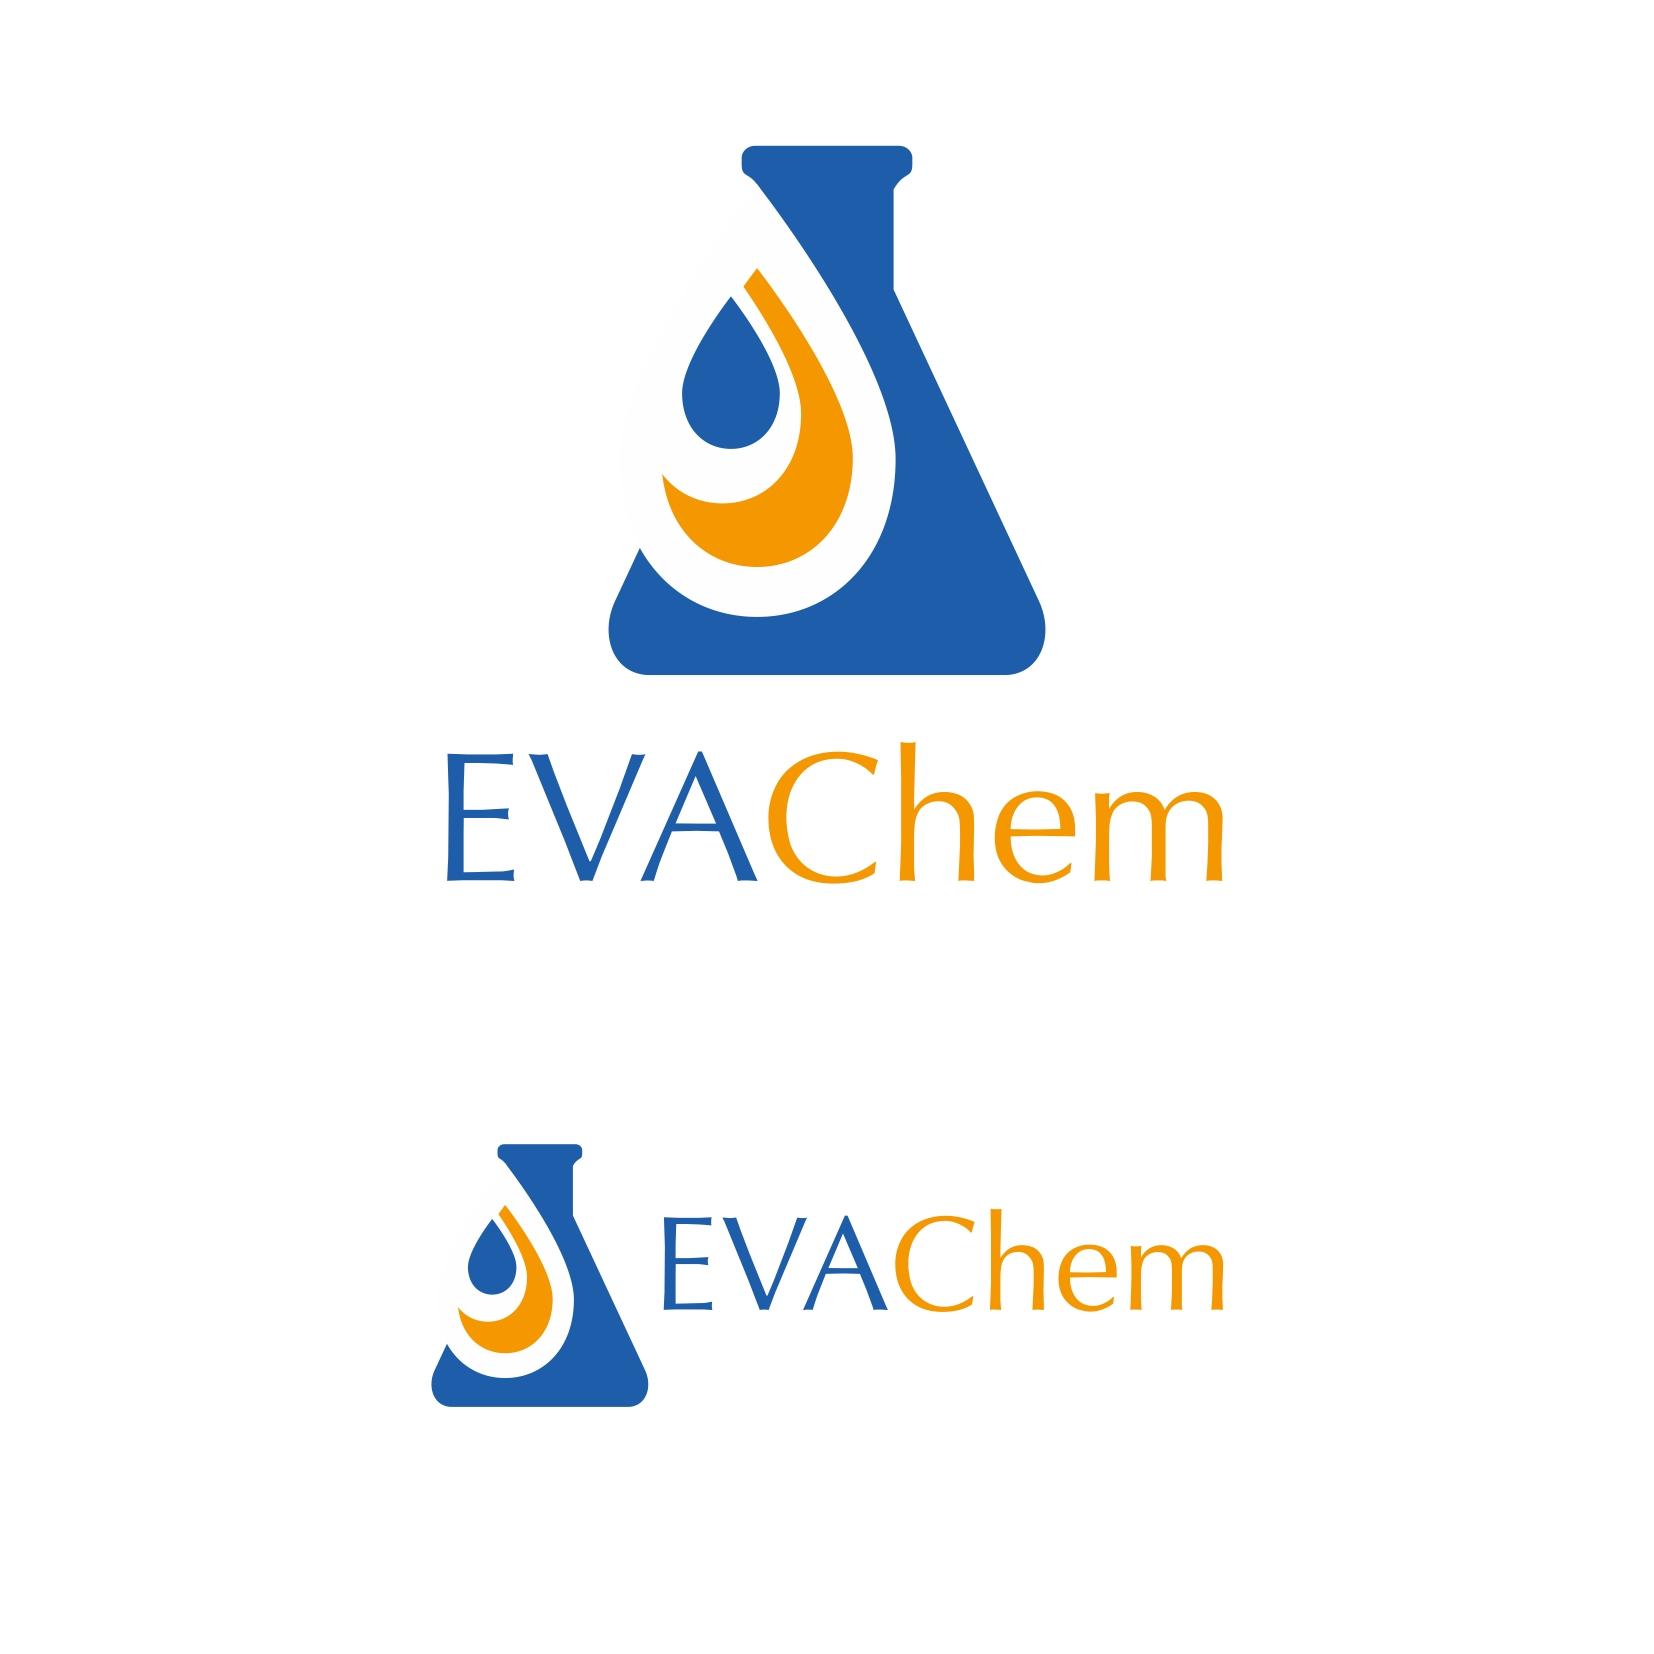 Разработка логотипа и фирменного стиля компании фото f_338571e0cf805ee0.jpg